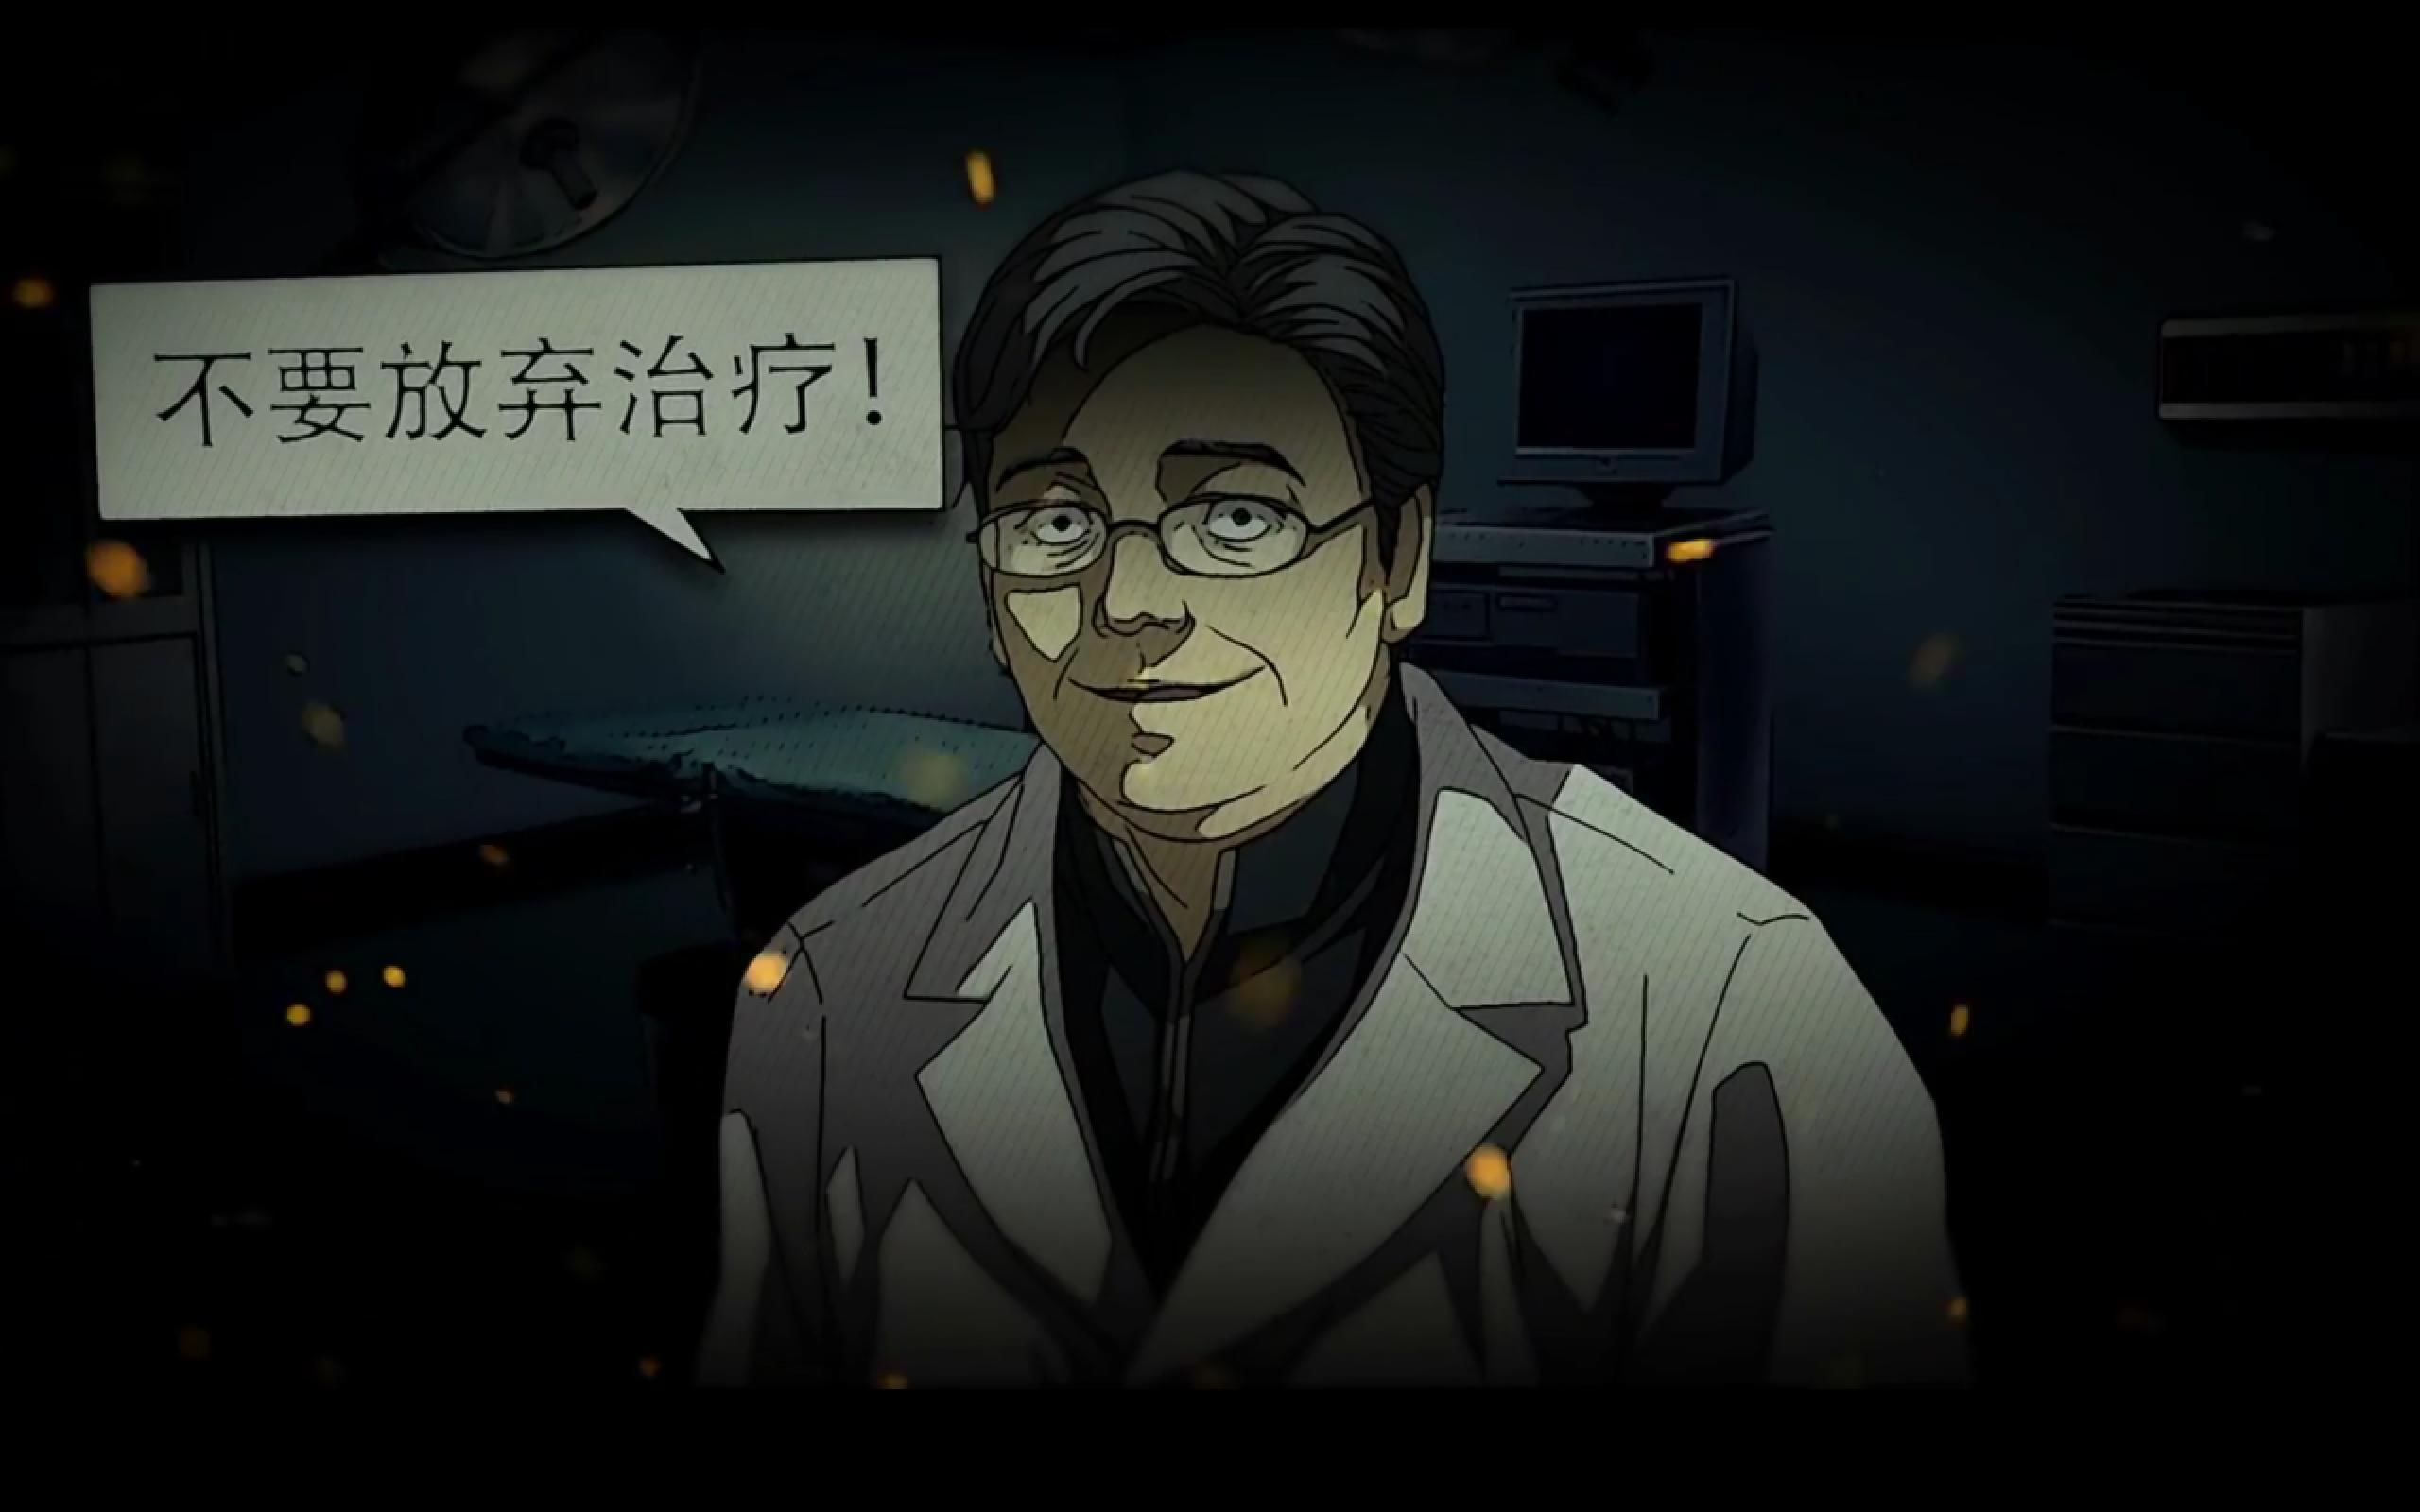 yangjiaoshou